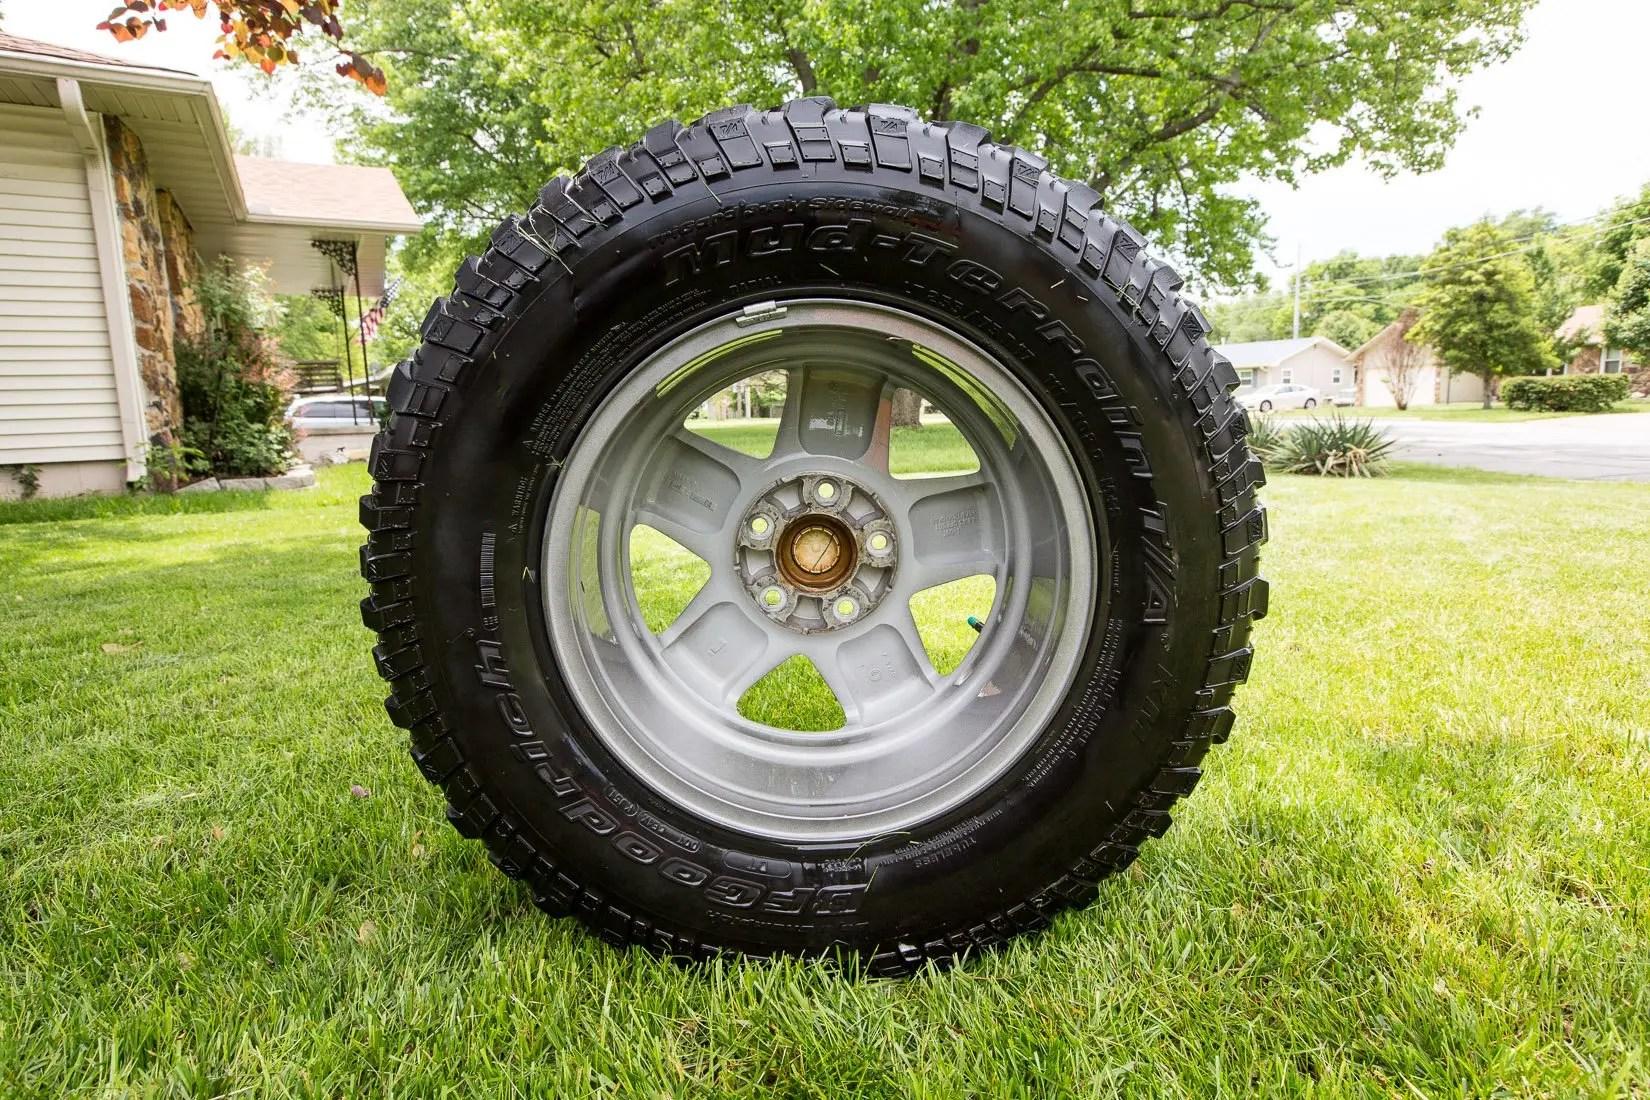 Super clean wheel